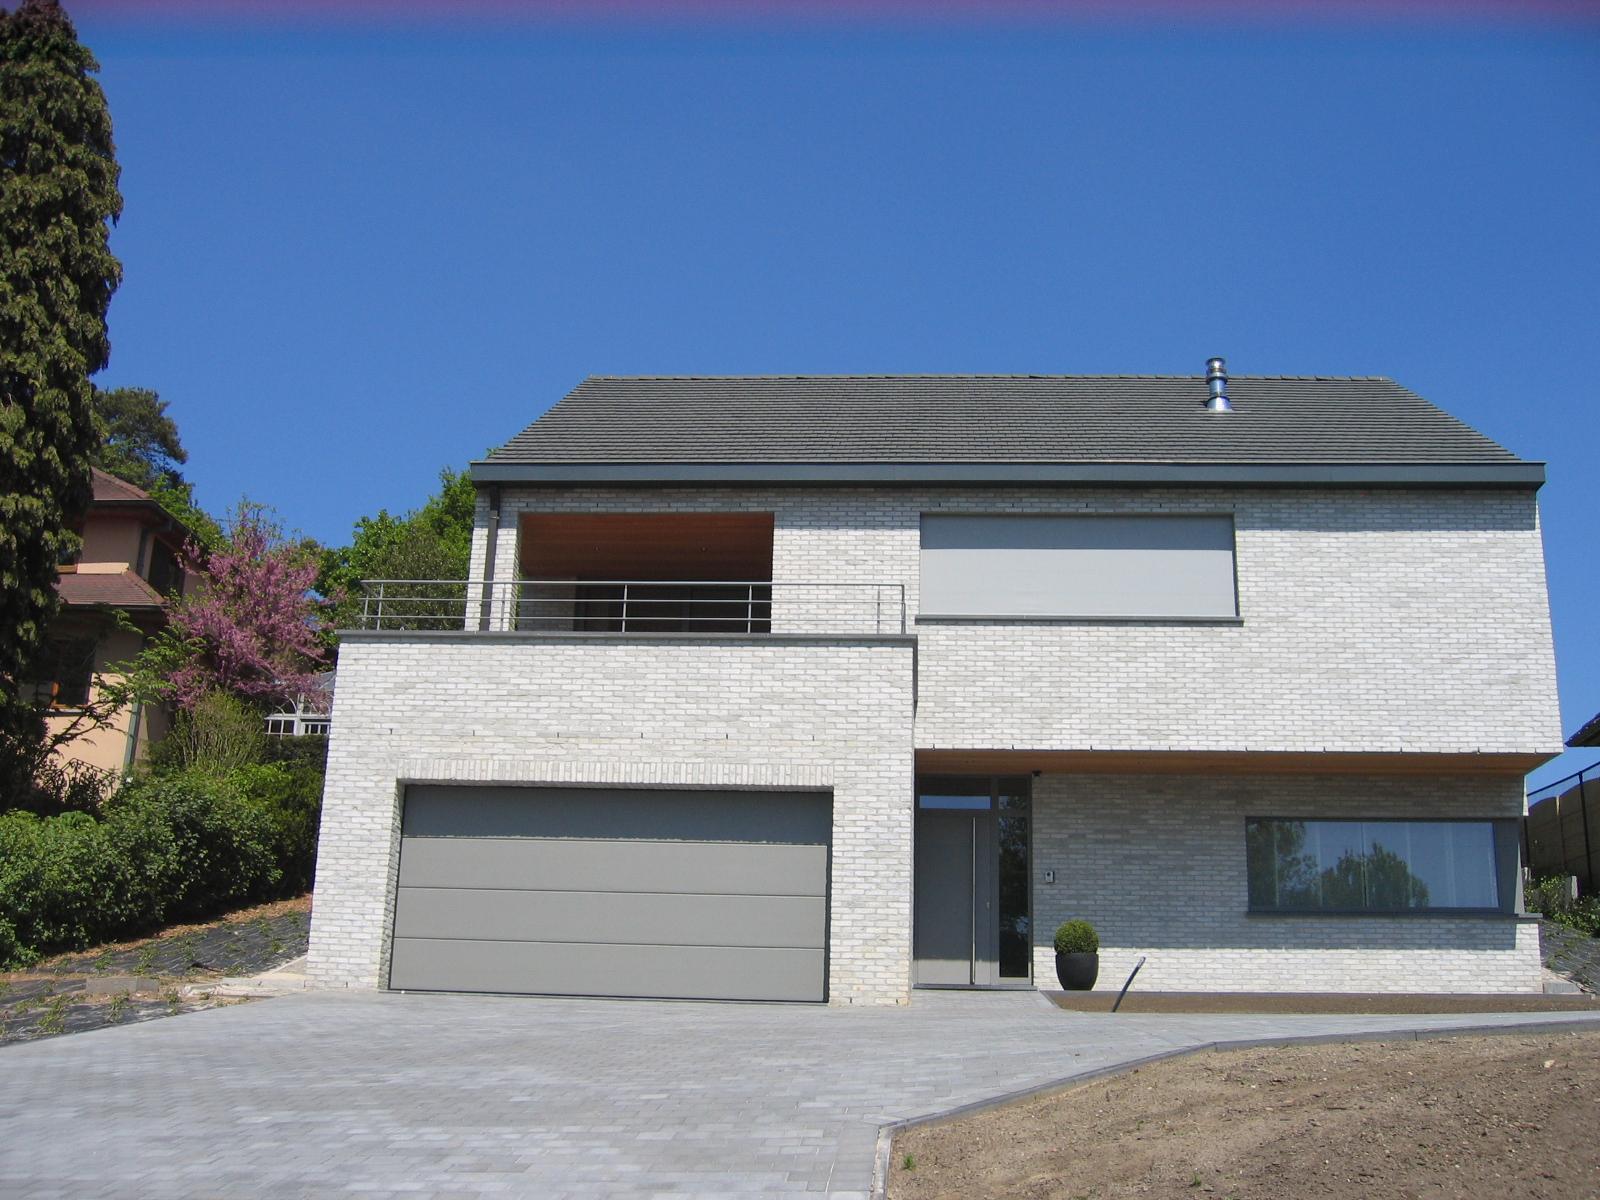 Naam baksteen eindelijk gevonden huis bouwen online huis bouwblog - De gevels van de huizen ...